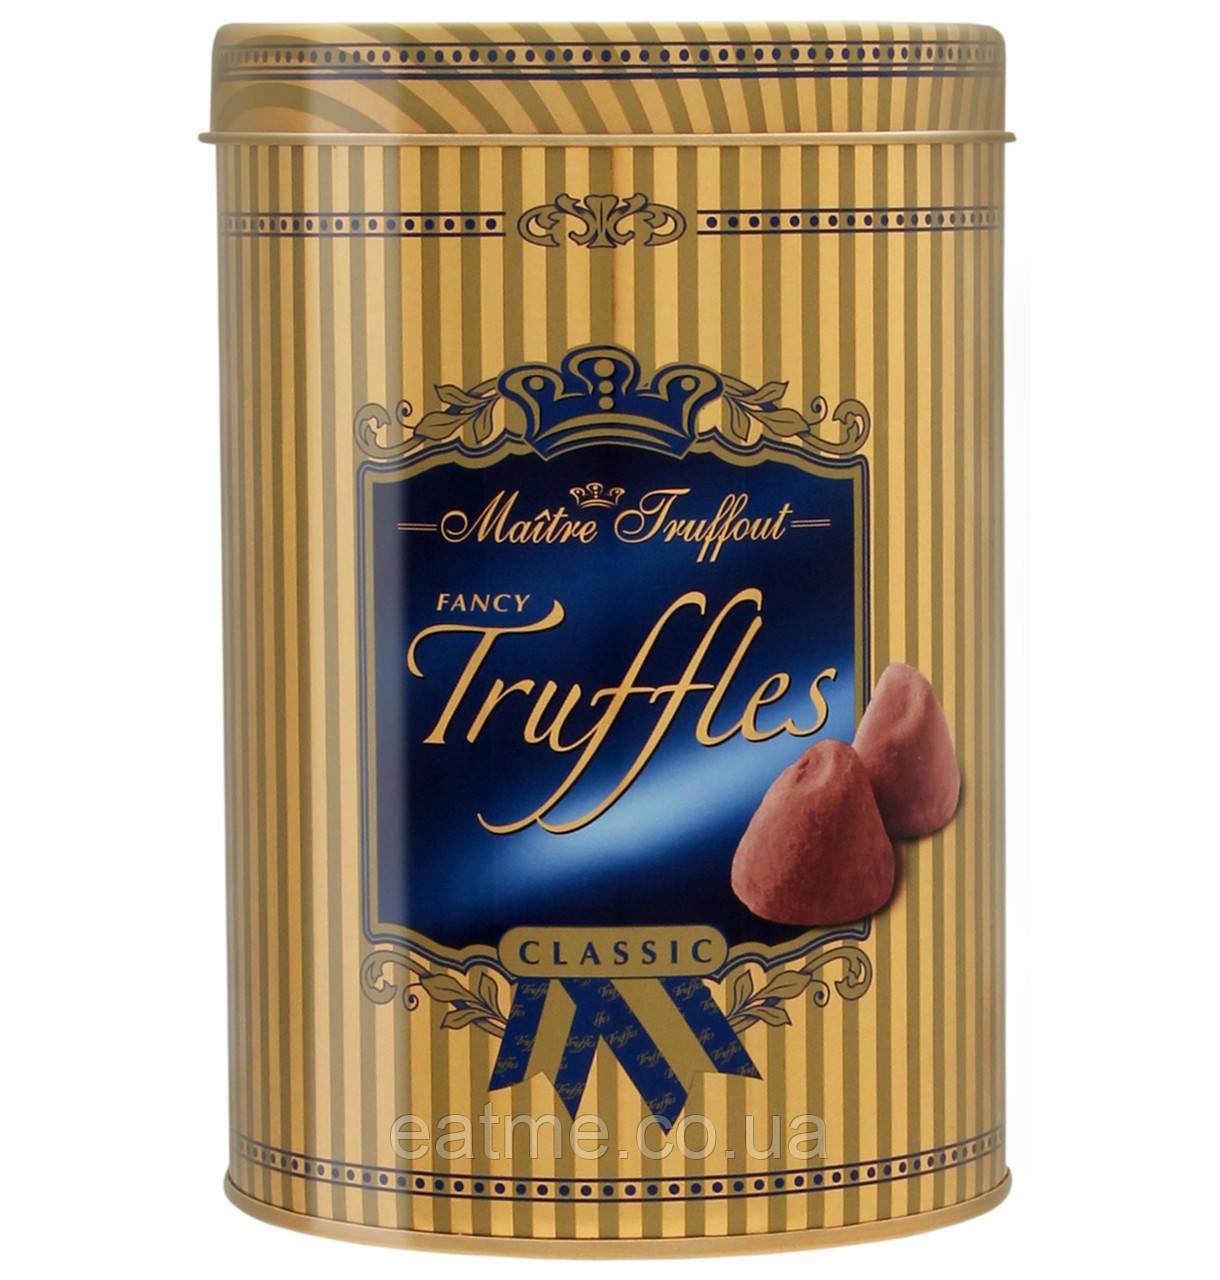 Конфеты Трюфель классический Maitre Fruffout